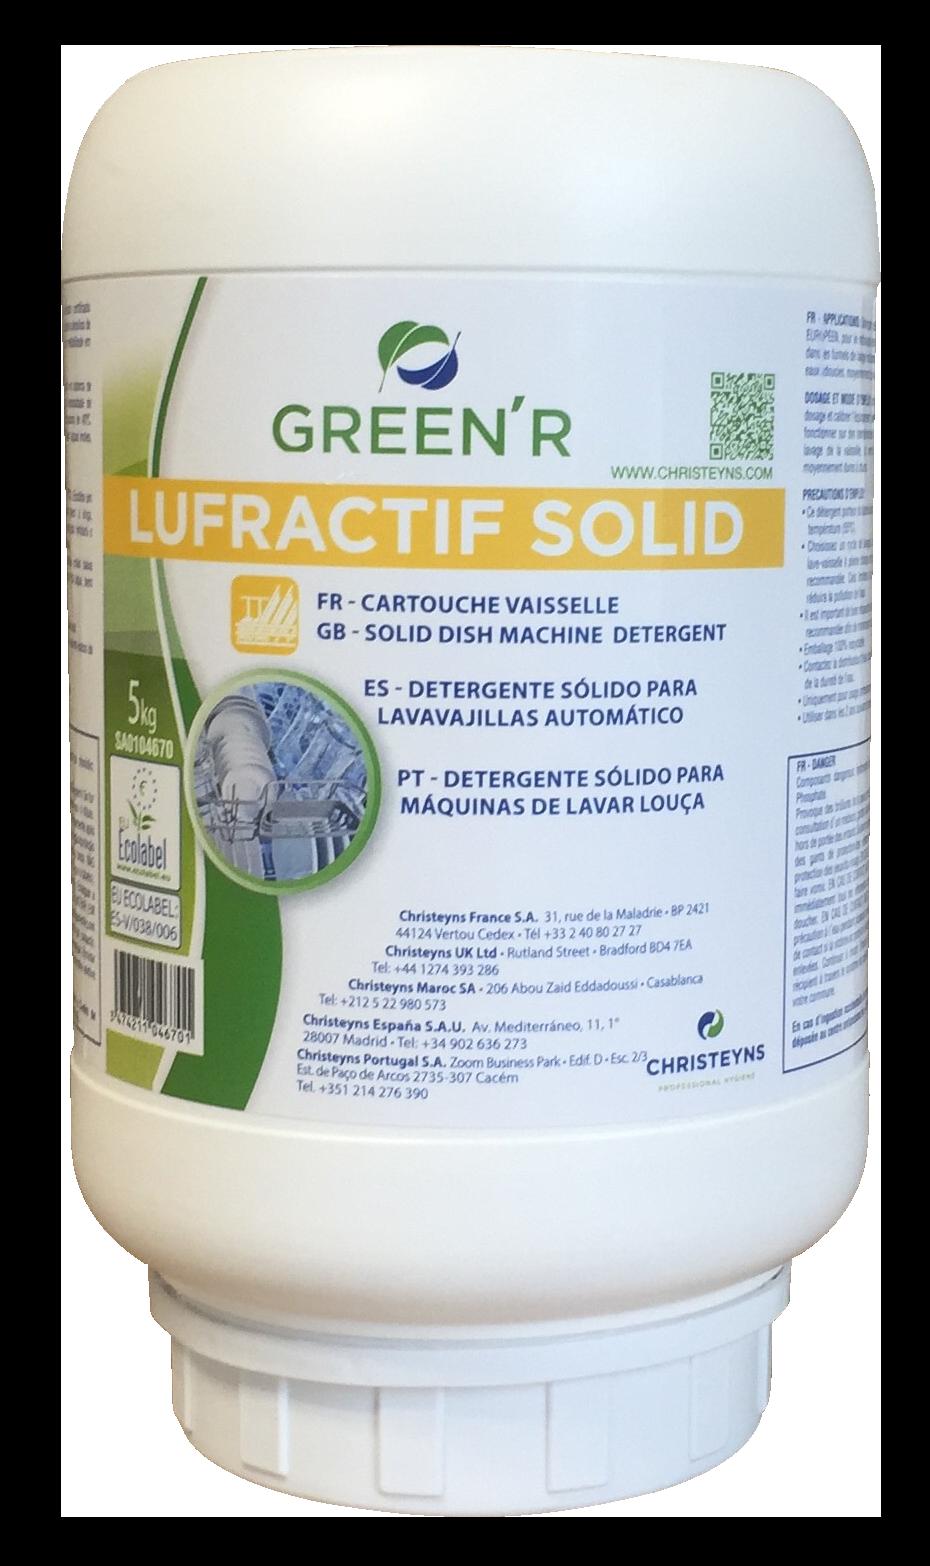 GREEN'R LUFRACTIF SOLID Détergent solide pour le lavage de la vaisselle en machine automatique